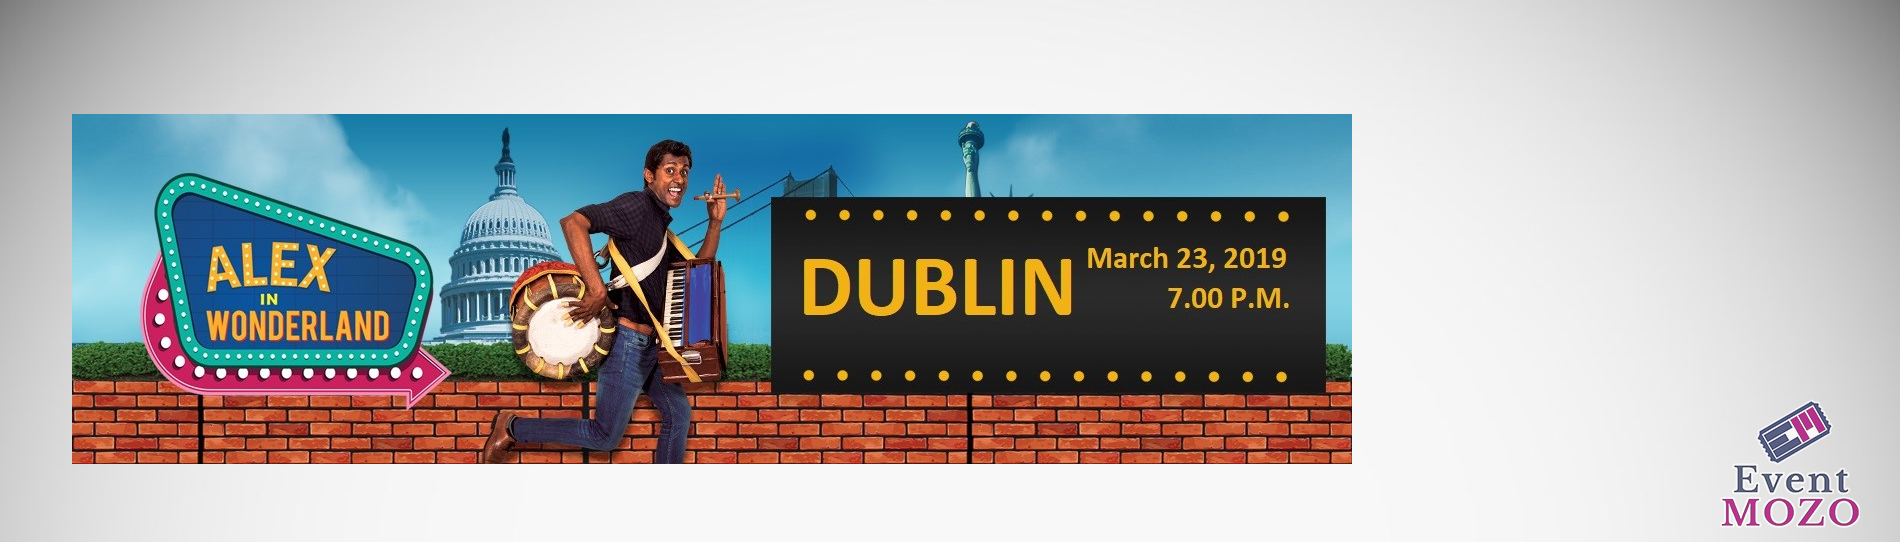 EventMozo Dublin , SFO -Alex in Wonderland(Musical Stand-up Comedy)